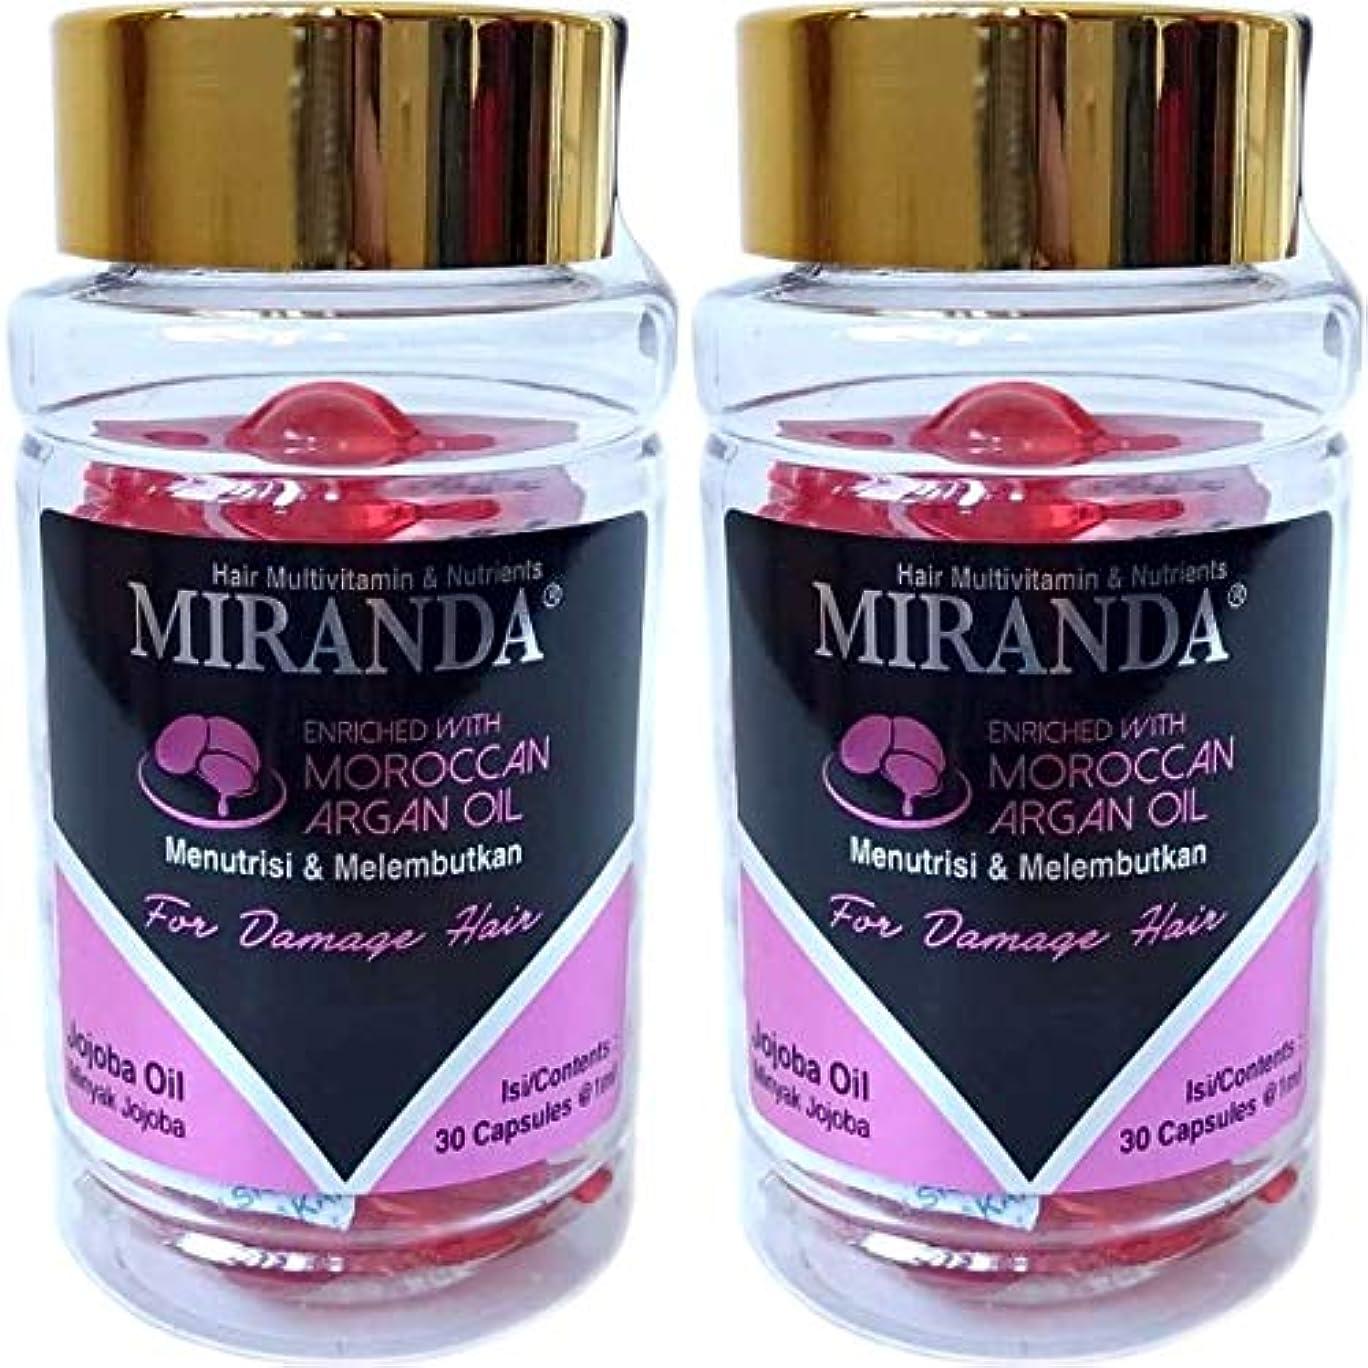 メールを書くコンチネンタル外側MIRANDA ミランダ Hair Multivitamin&Nutrients ヘアマルチビタミン ニュートリエンツ 洗い流さないヘアトリートメント 30粒入ボトル×2個セット Jojoba oil ホホバオイル [海外直送品]